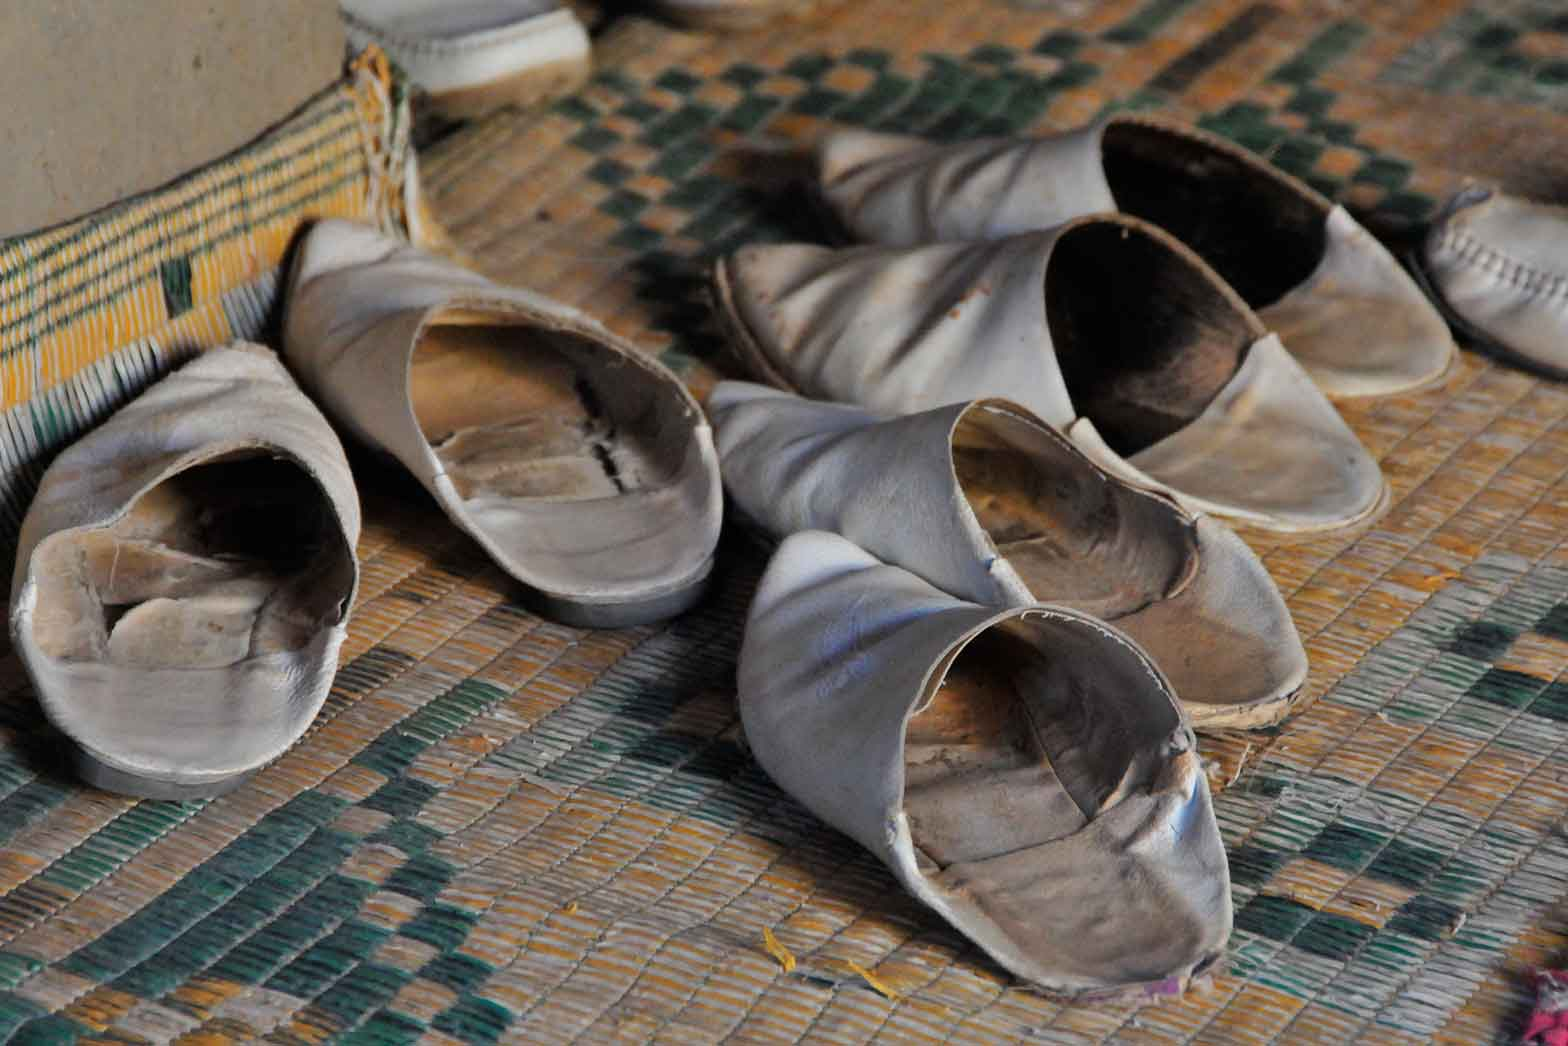 Marrakesh moccasins